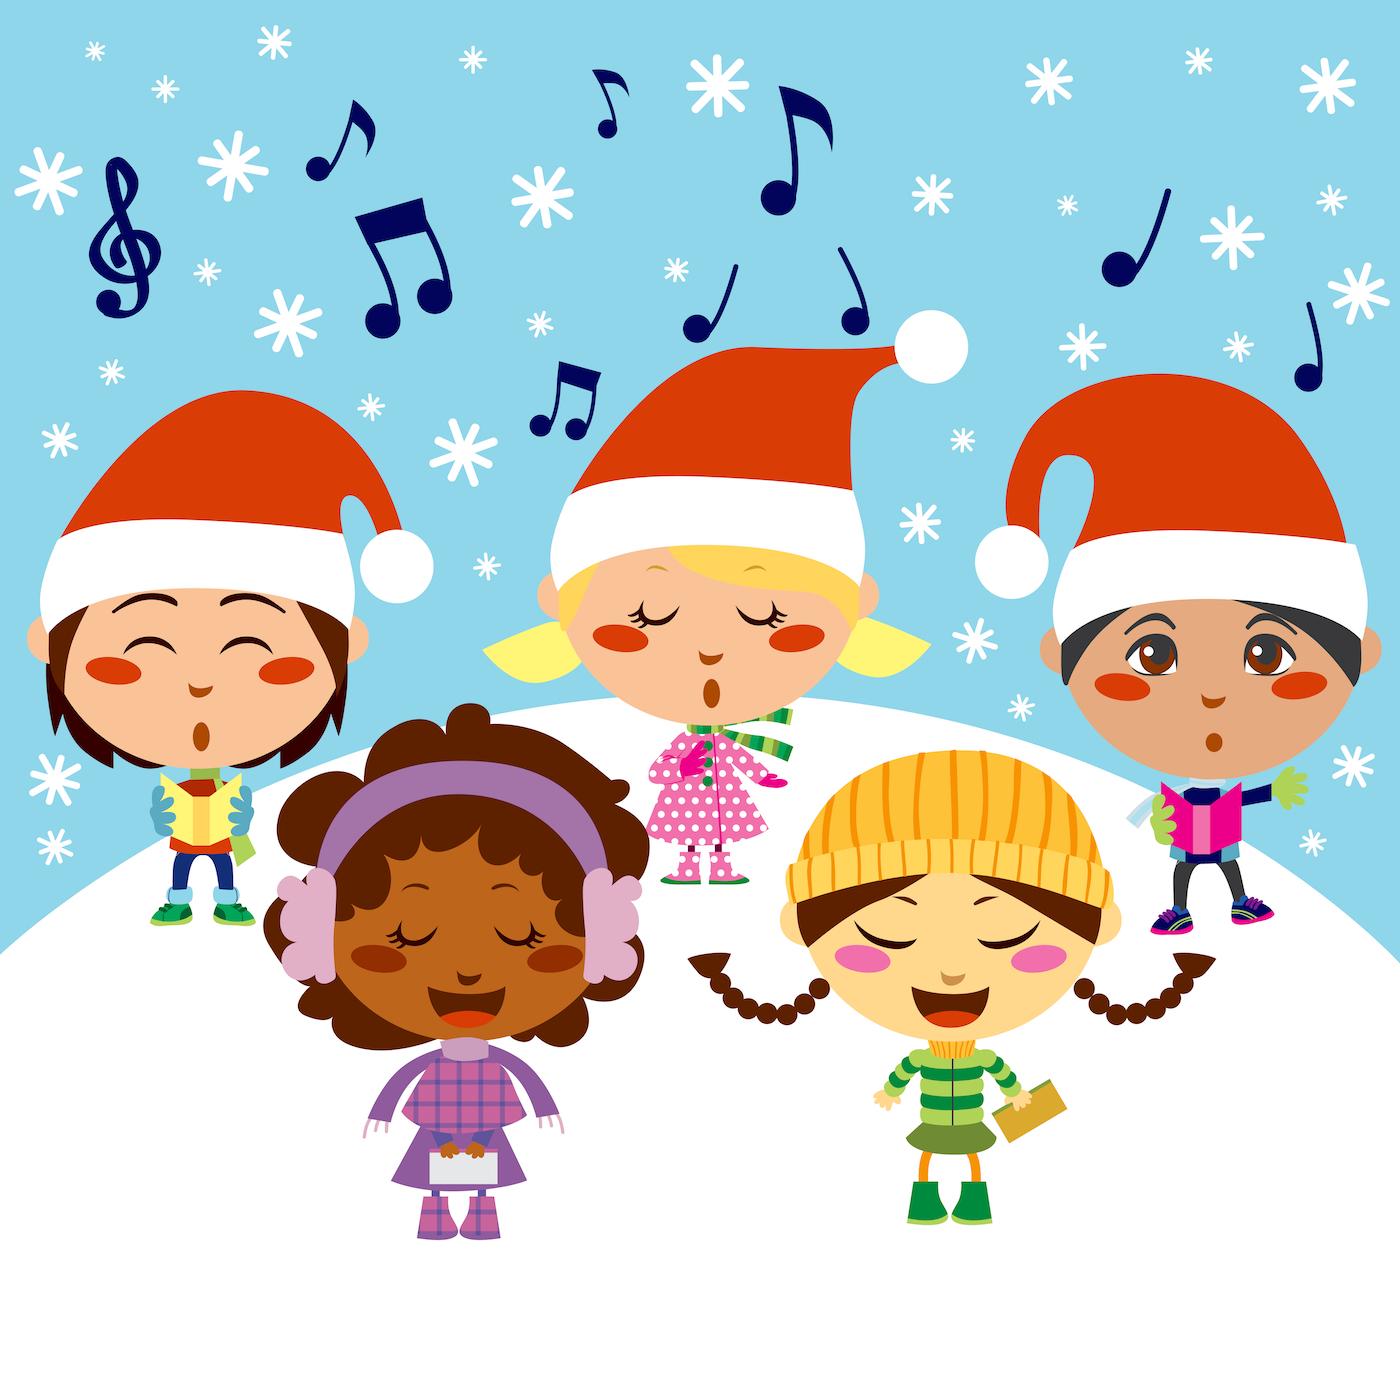 pequenos cantando villancicos - música de Navidad